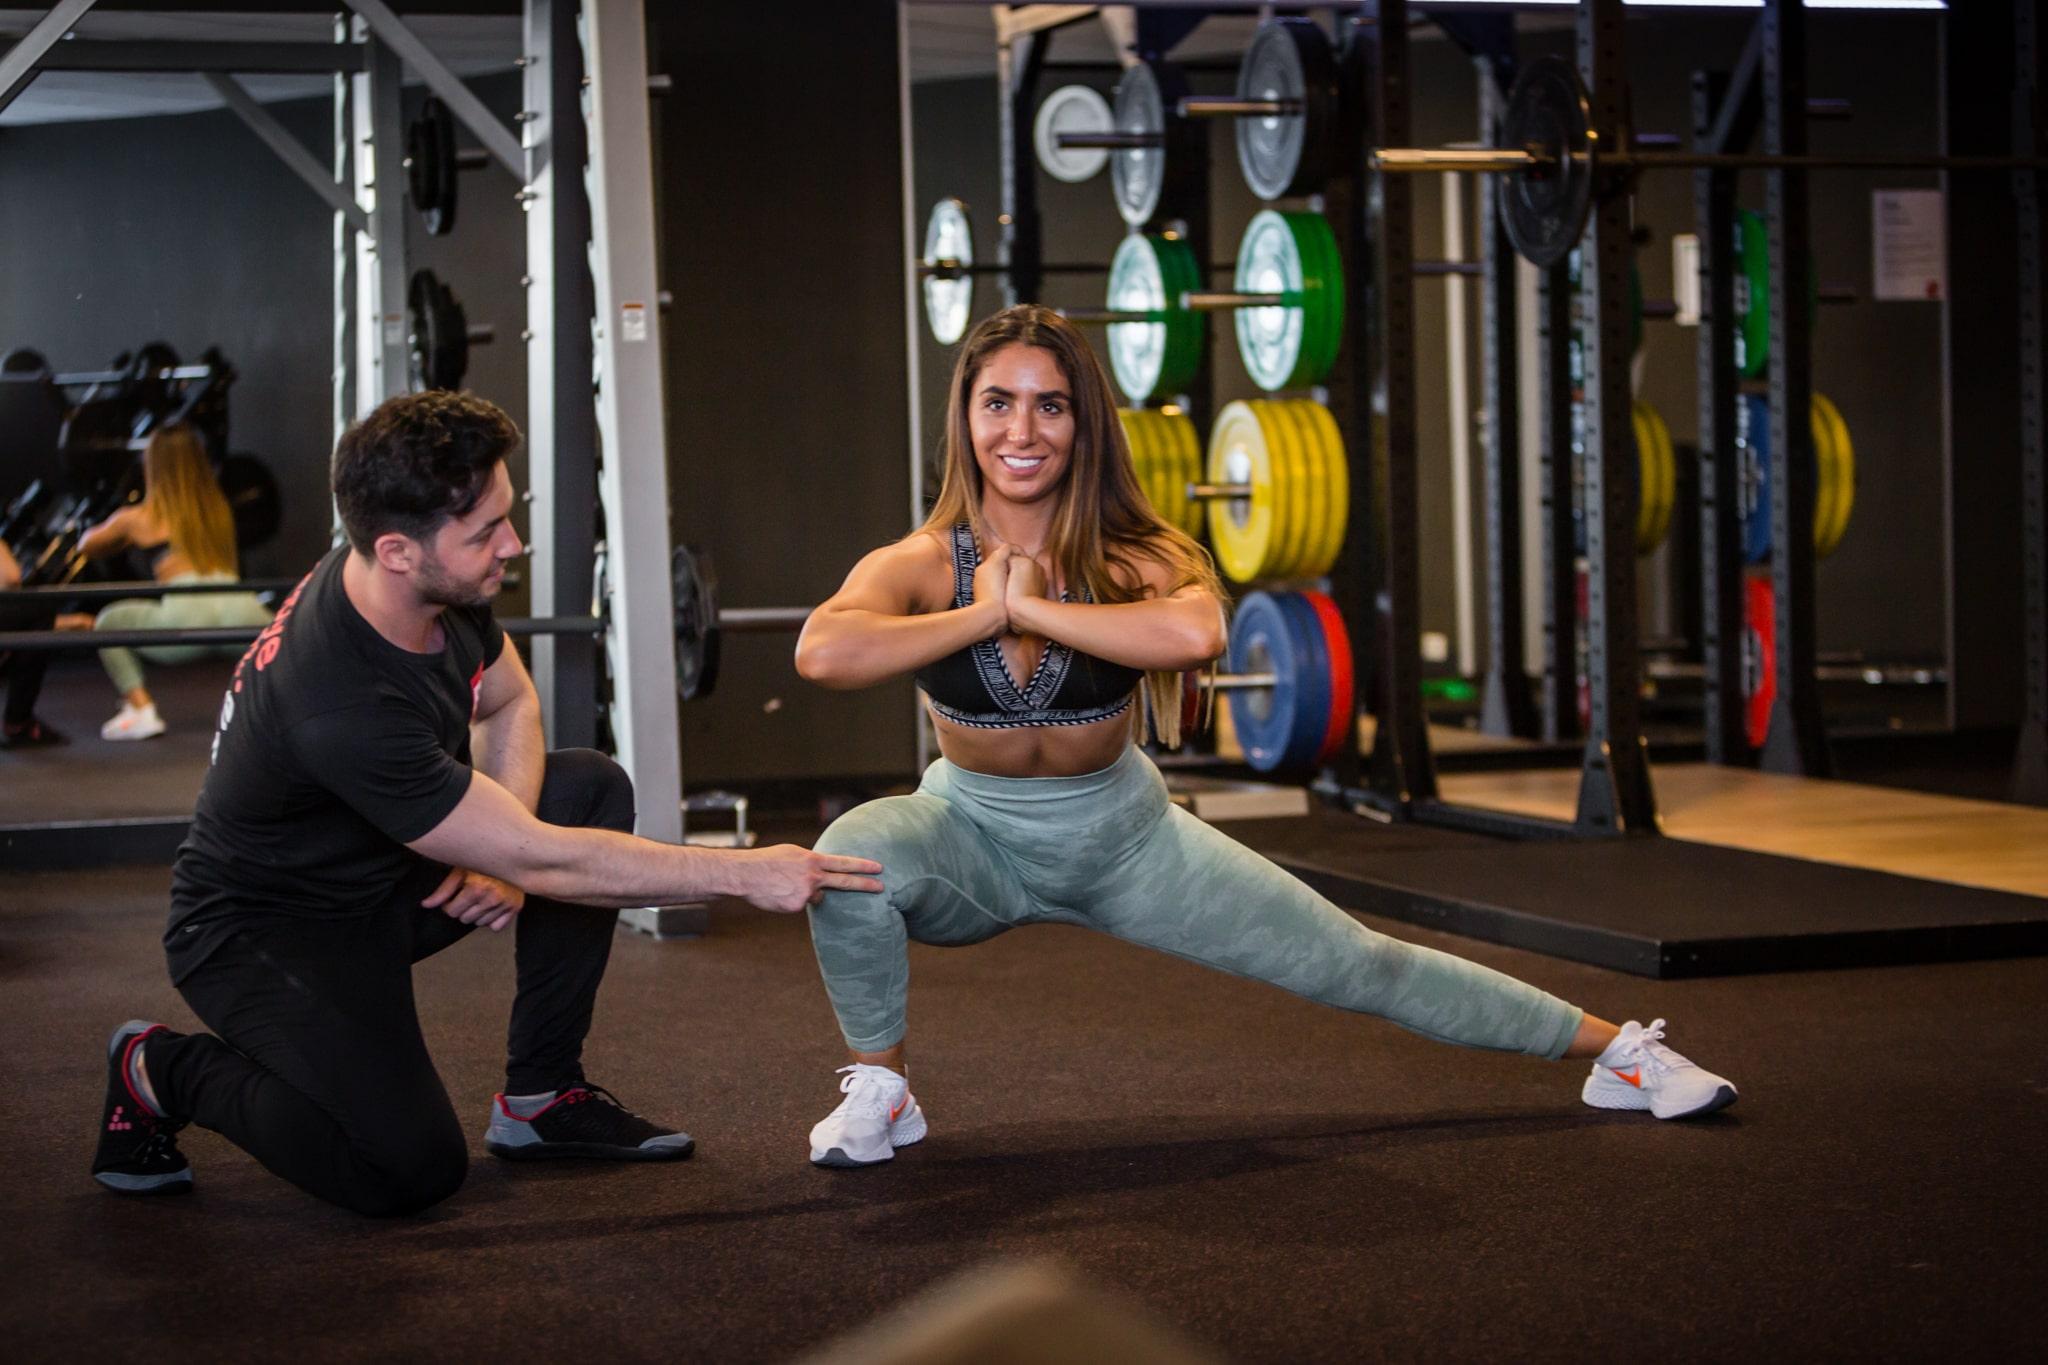 Richtige Ausführung der Übungen im